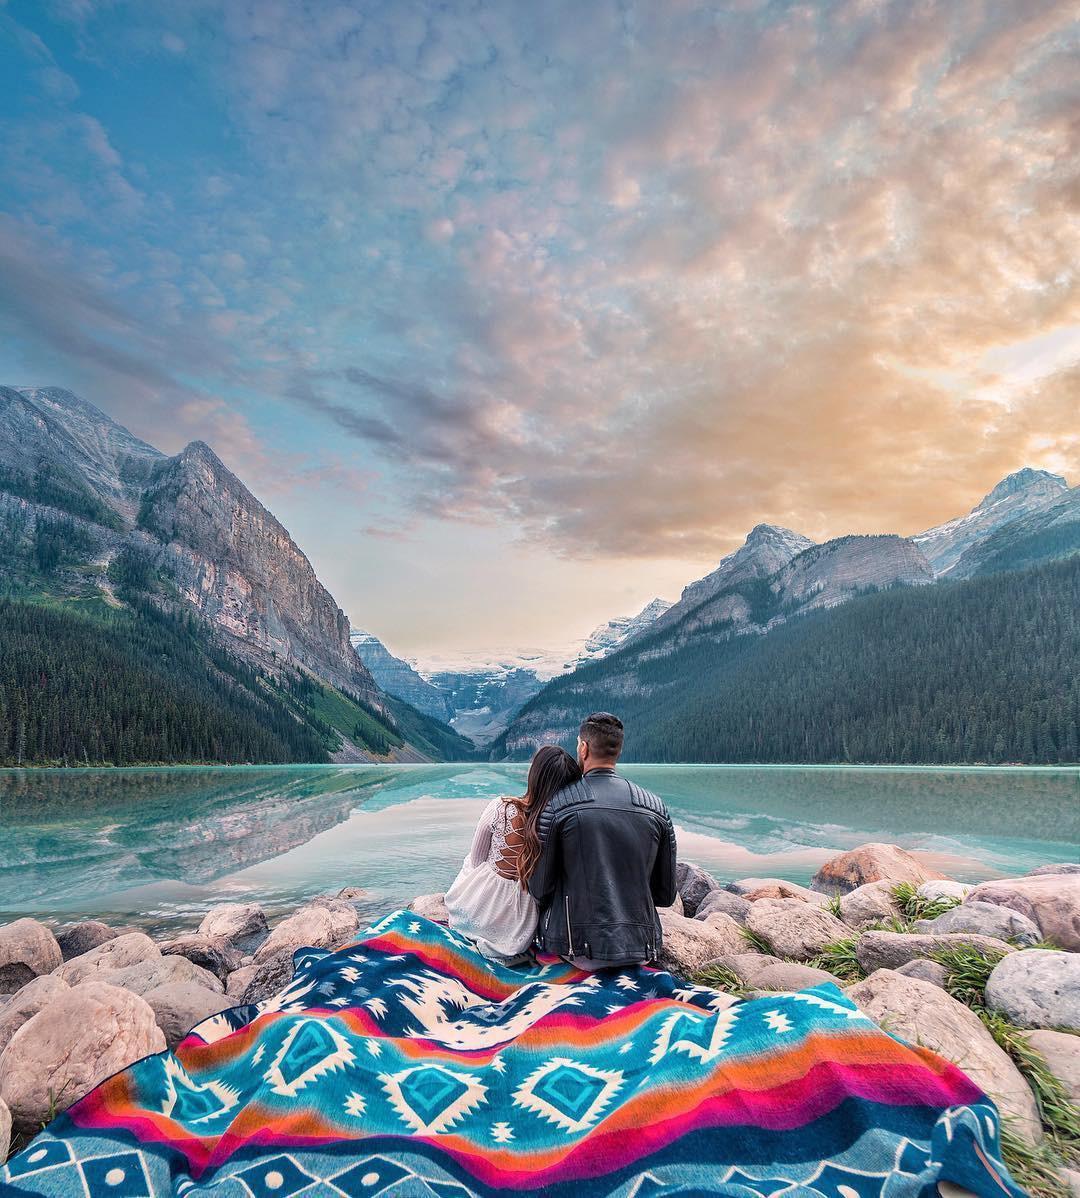 Có gì hay ở hồ nước màu xanh ngọc bích được mệnh danh là thiên đường trần gian ở Canada? - Ảnh 4.